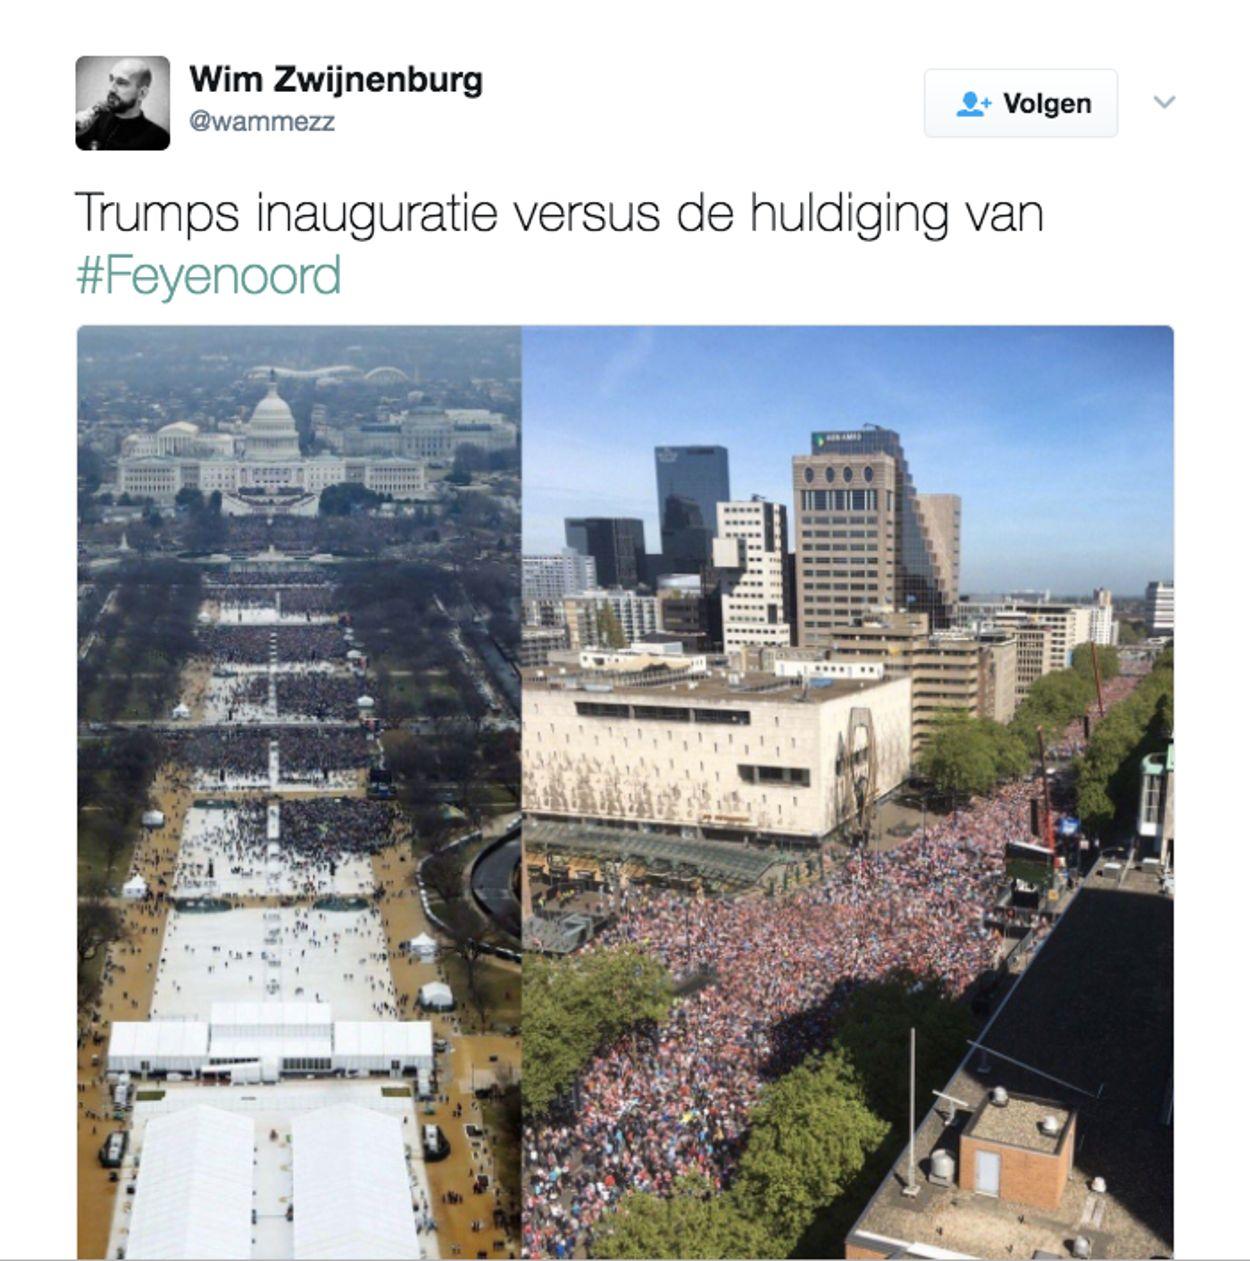 Trumps inauguratie vs. huldiging Feyenoord